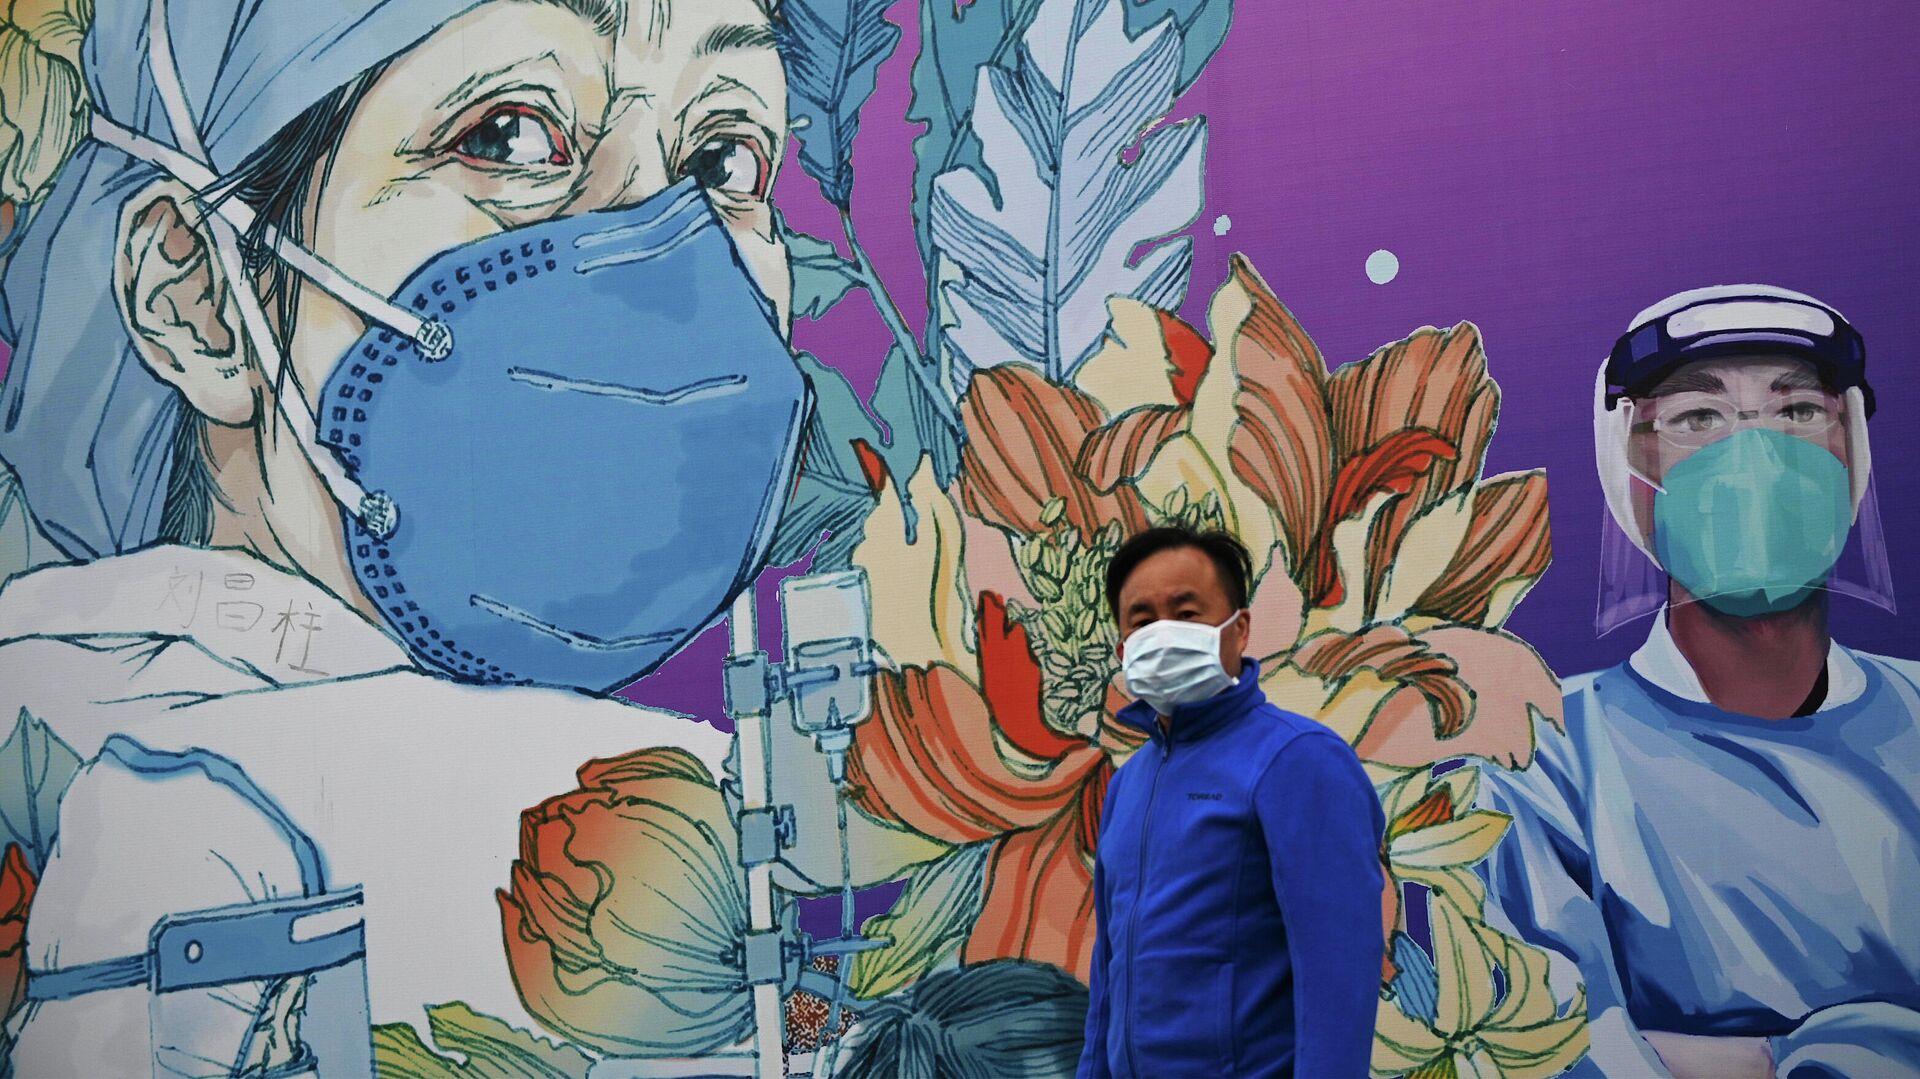 Мужчина в маске проходит мимо граффити, посвященному врачам, в Китае - РИА Новости, 1920, 04.01.2021